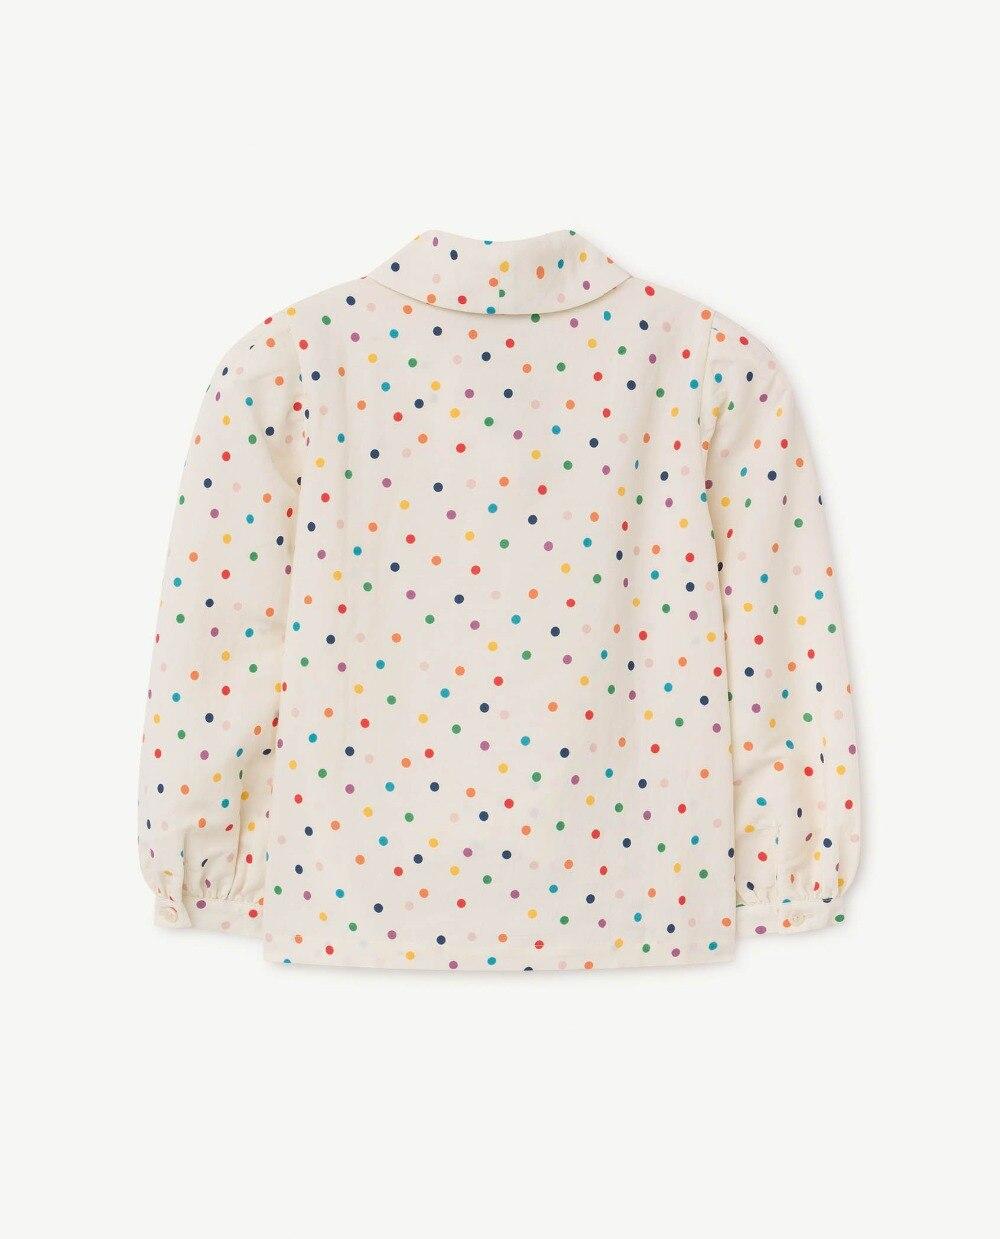 Crianças camisas 2019 tao nova marca outono